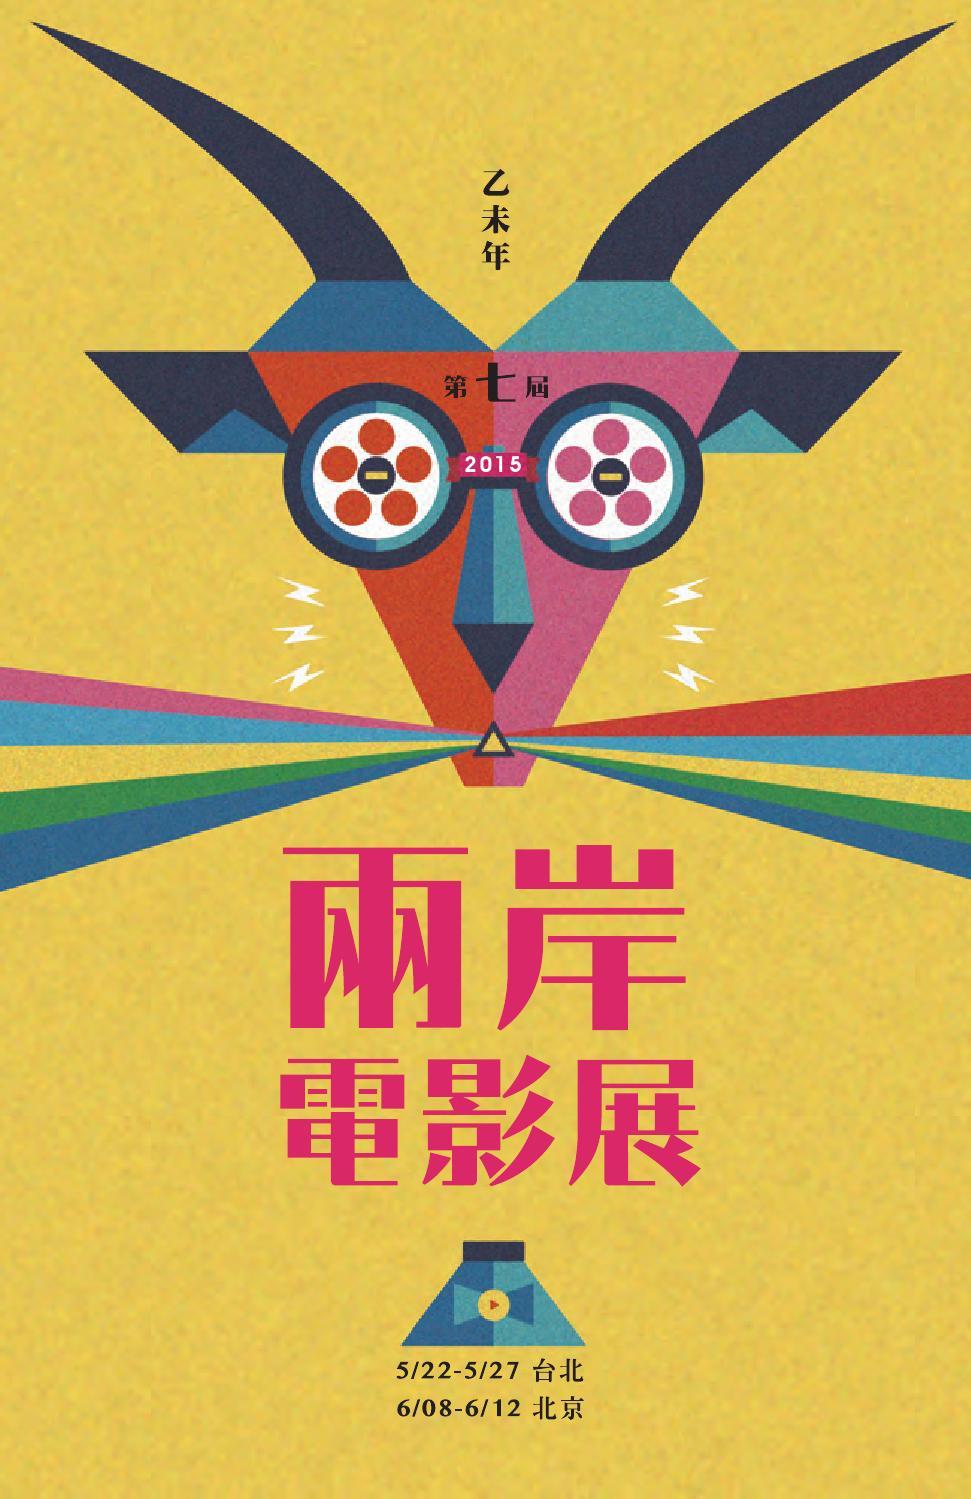 2015第七屆兩岸電影展-影展DM by 第八屆兩岸電影展 - Issuu